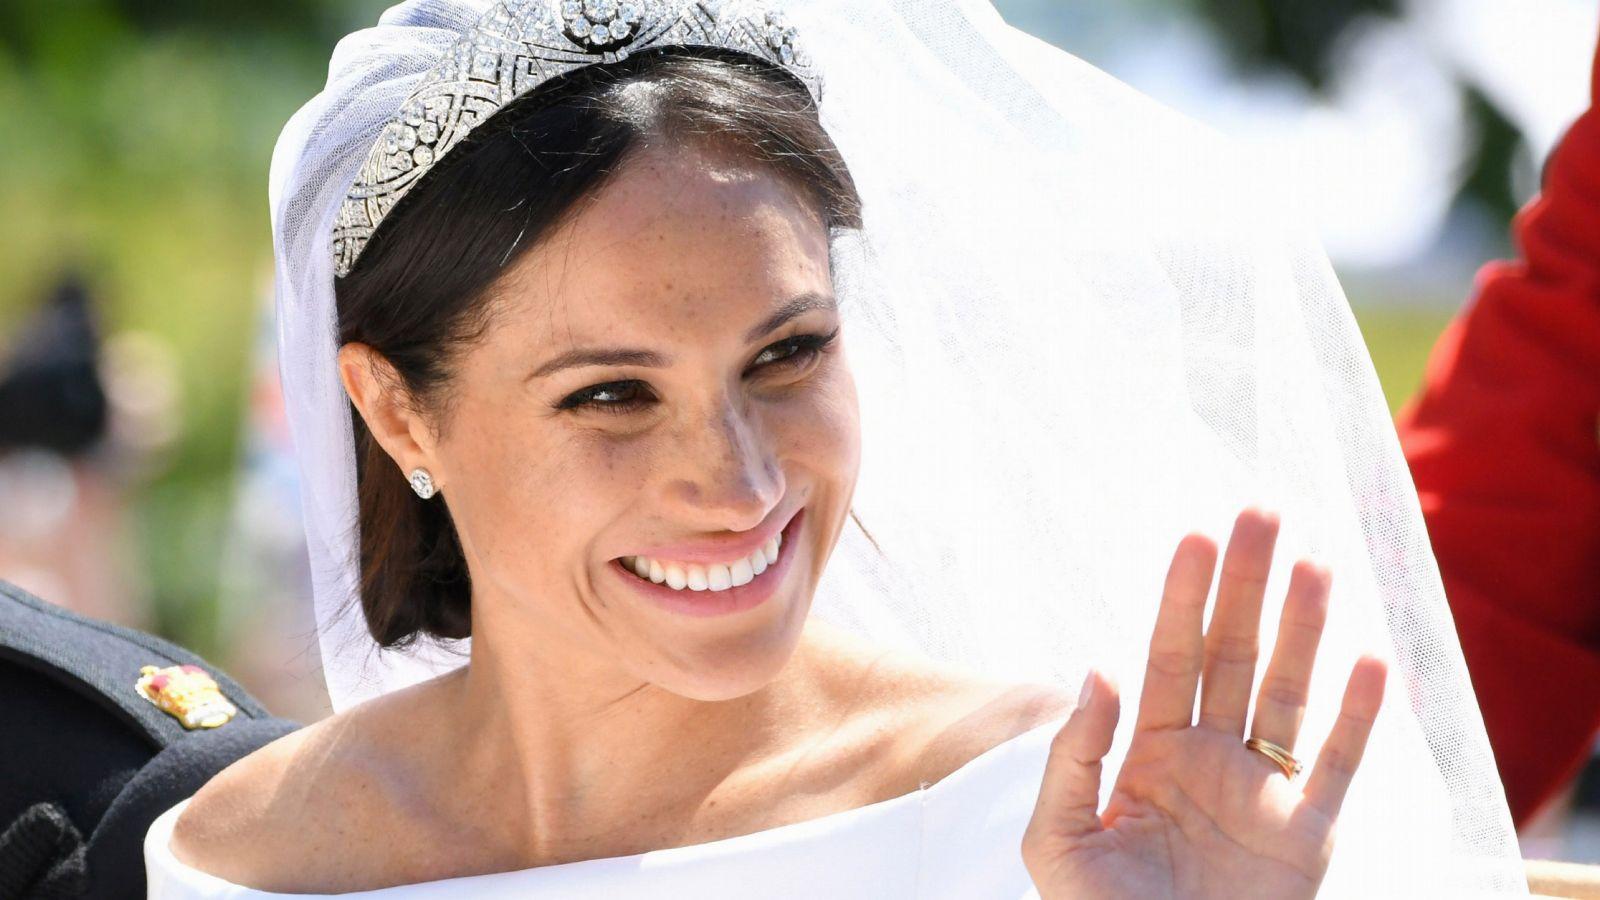 Das Tanzlied und andere Details über die Hochzeit von Meghan Markle und Prinz Harry, die wir (noch) nicht kannten